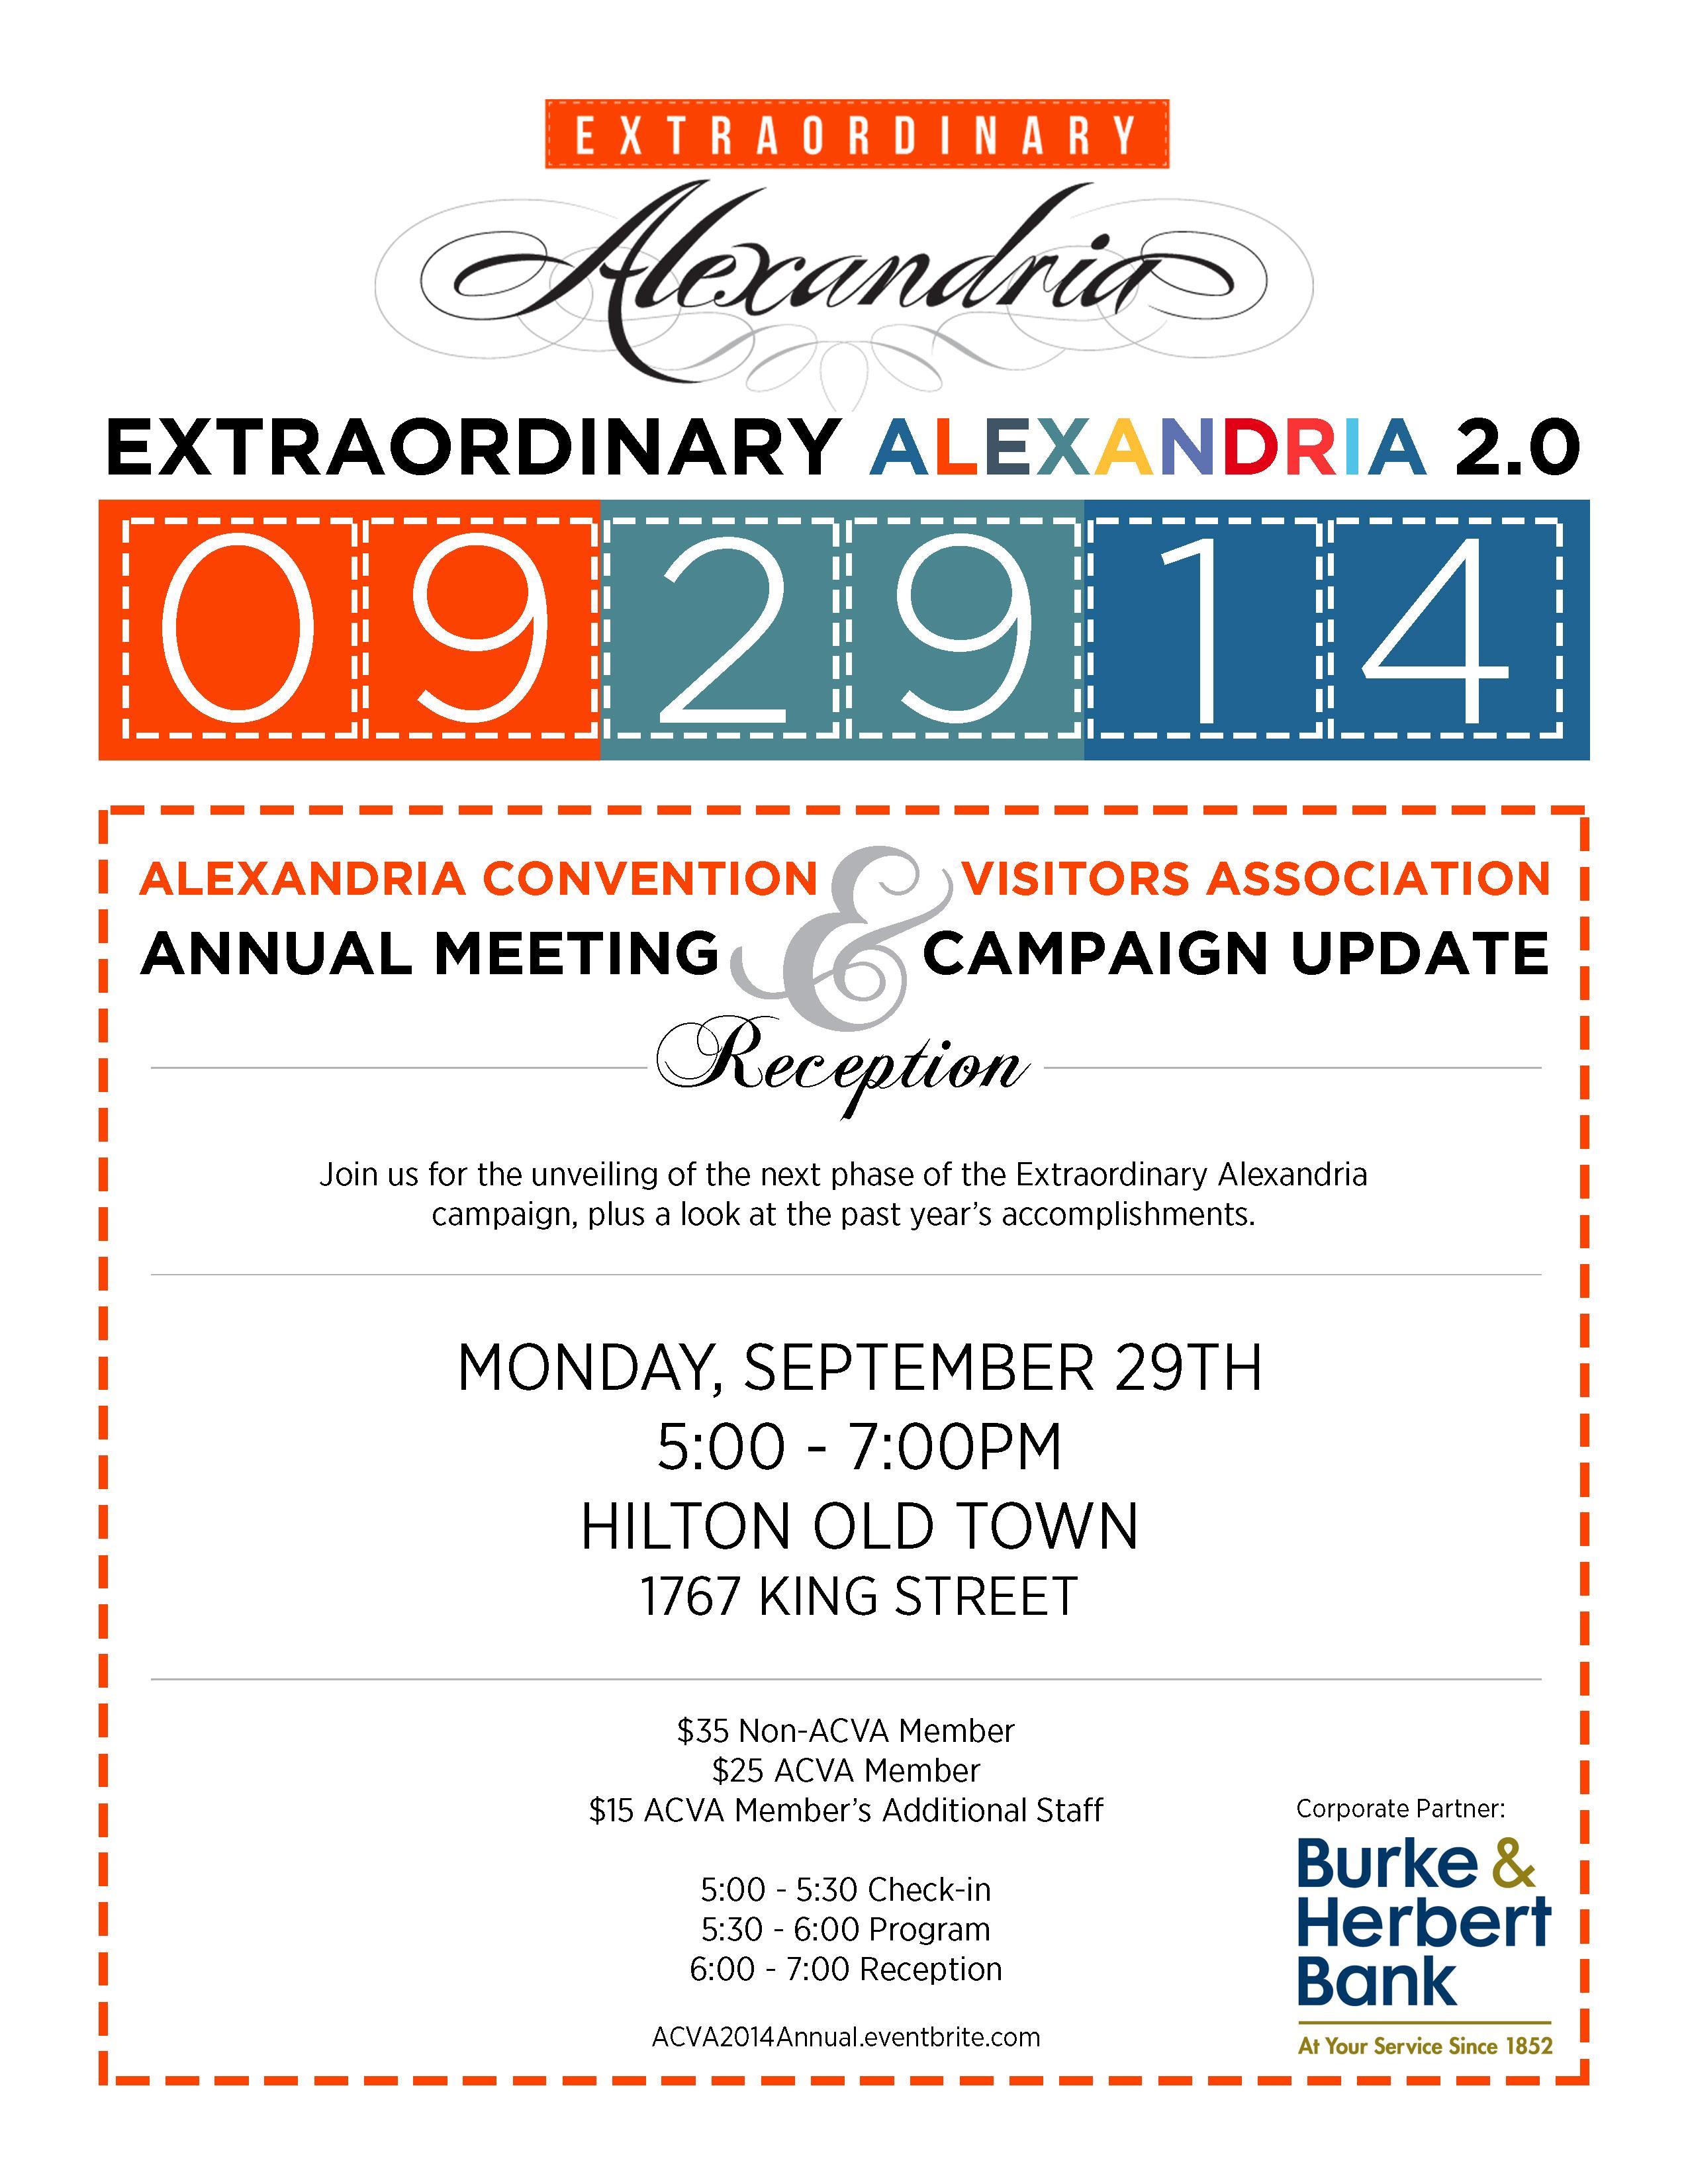 Annual meeting invite